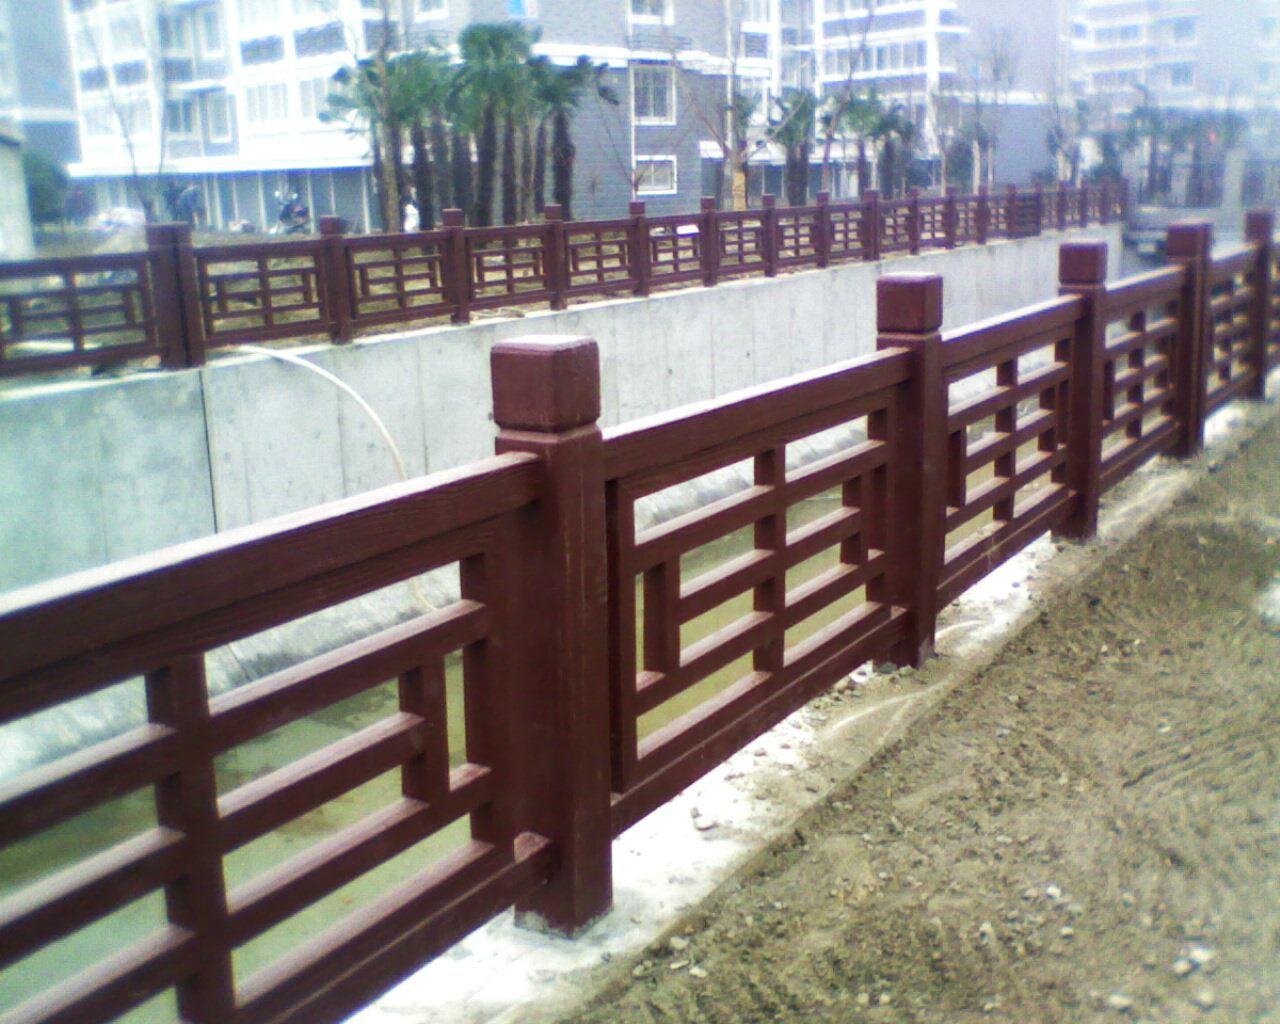 仿木栏杆-仿木栏杆批发、促销价格、产地货源 - 阿里巴巴